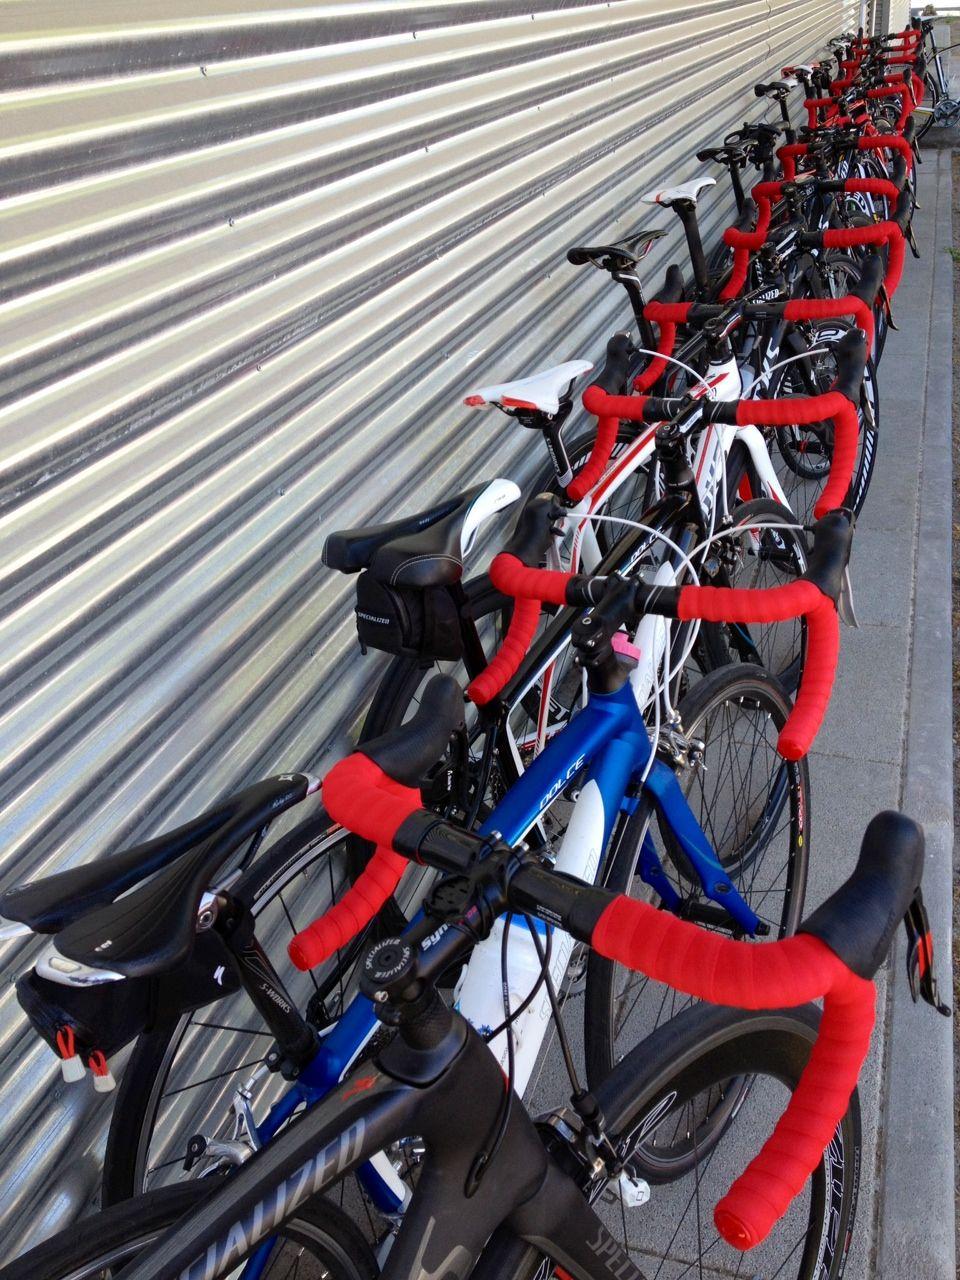 El Rojo Motiva Celebra La Vuelta De Alberto Contador Poniendo Cinta De Manillar Roja En Tu Bici Cycling